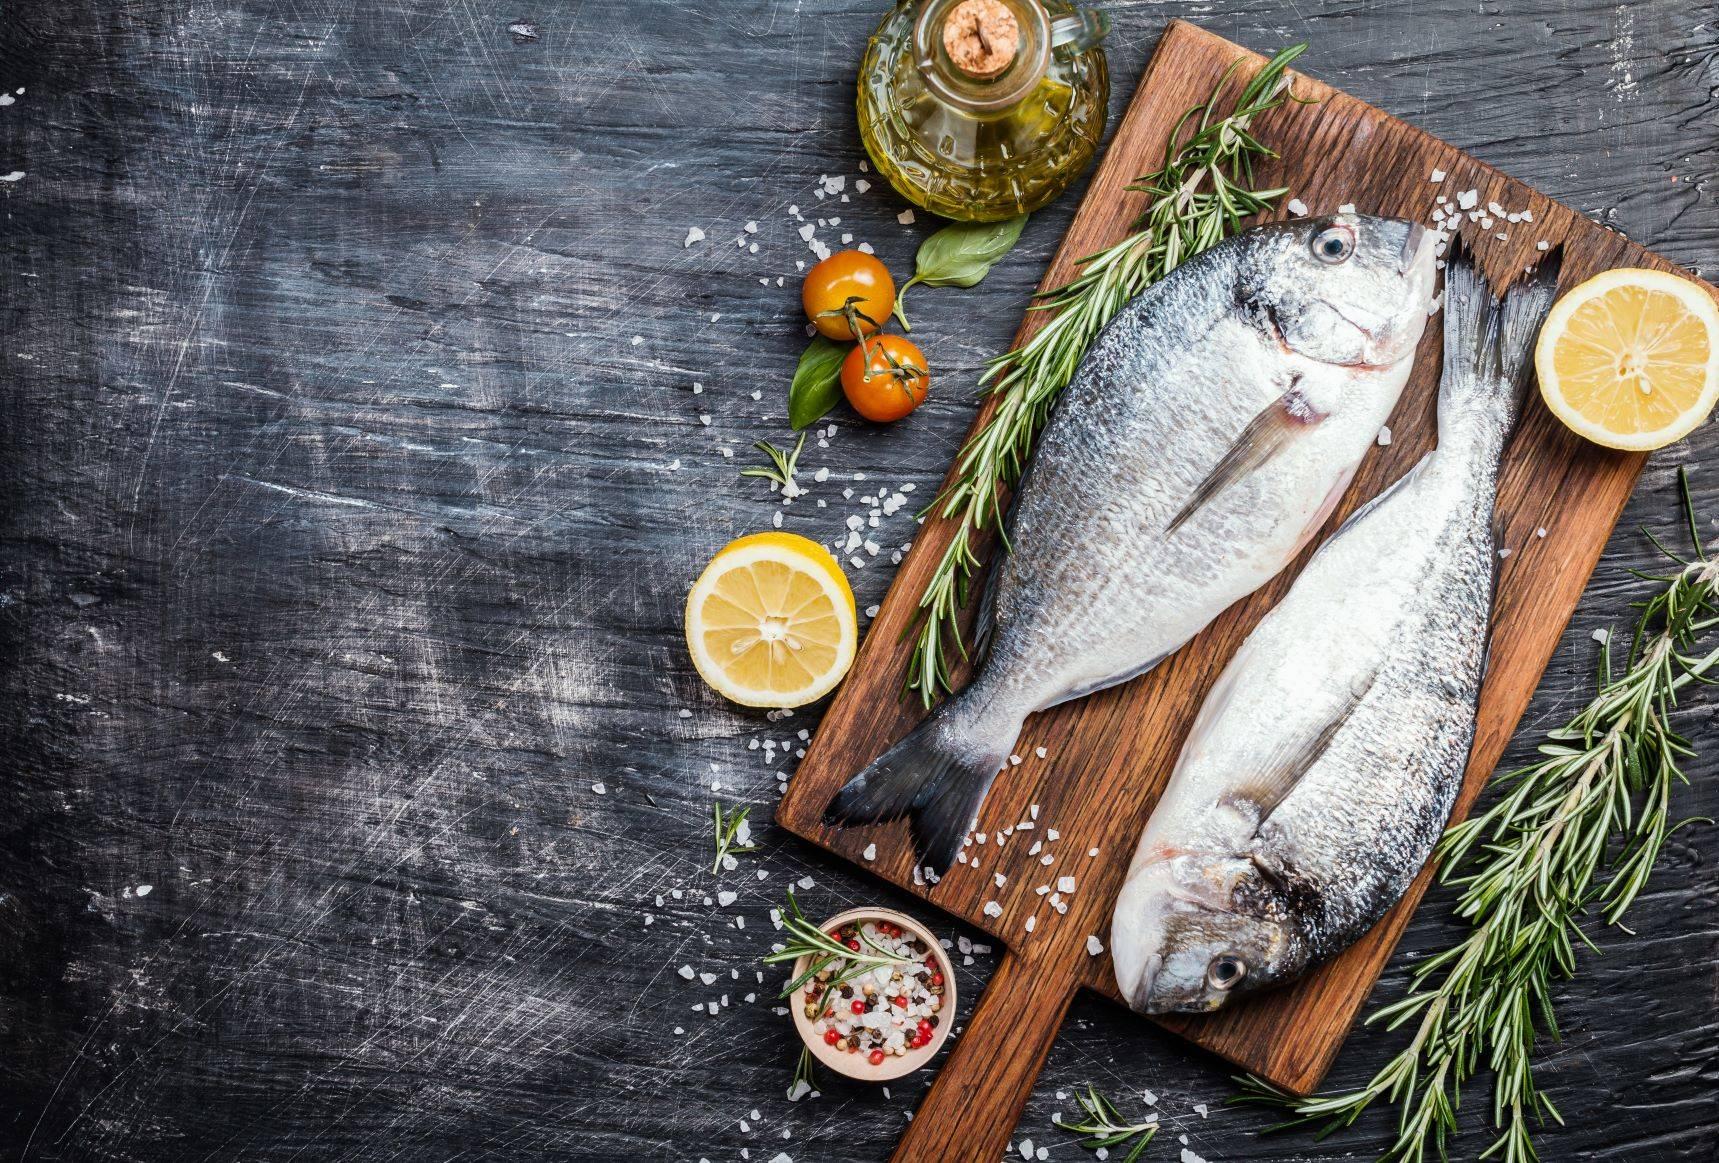 Zdrowe ryby - gdzie ich szukać? Czy ryby są zdrowsze od mięsa?